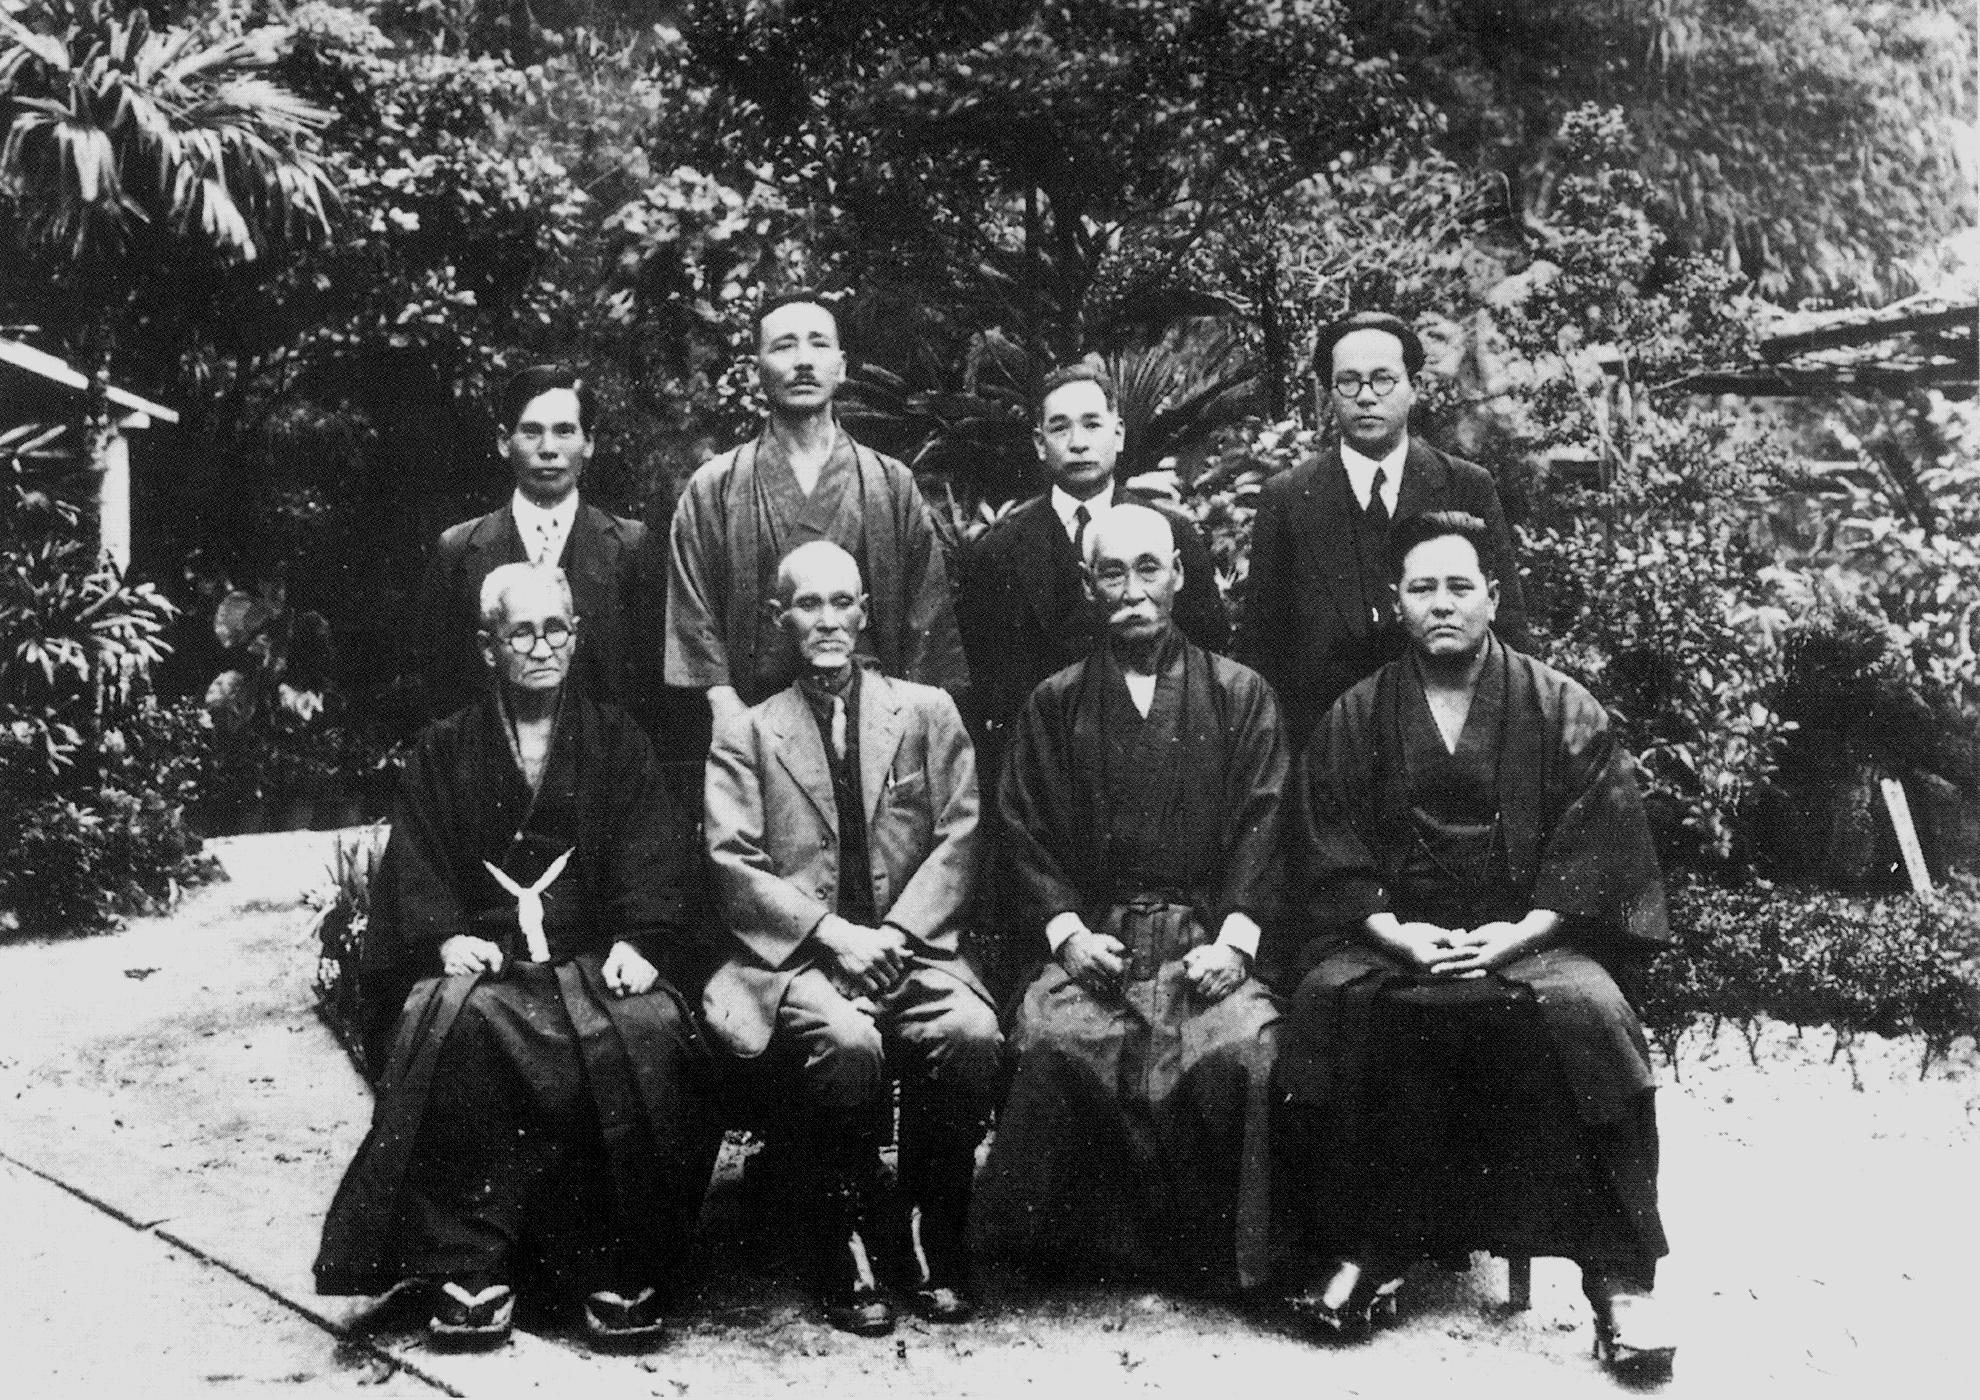 <strong>Au-dessus :</strong> Karate Kenkyukai. Shuri, 1918. <br> <strong>Assis, de droite à gauche :</strong> Miyagi Chōjun, Hanashiro Chōmo, Yabu Kentsu et Chotoku Kyan.<br> <strong>Debout, de droite à gauche : </strong> Nakasone Genwa, Chibana Chōshin, Maeshiro Choryo et Shiroma Shinpan.